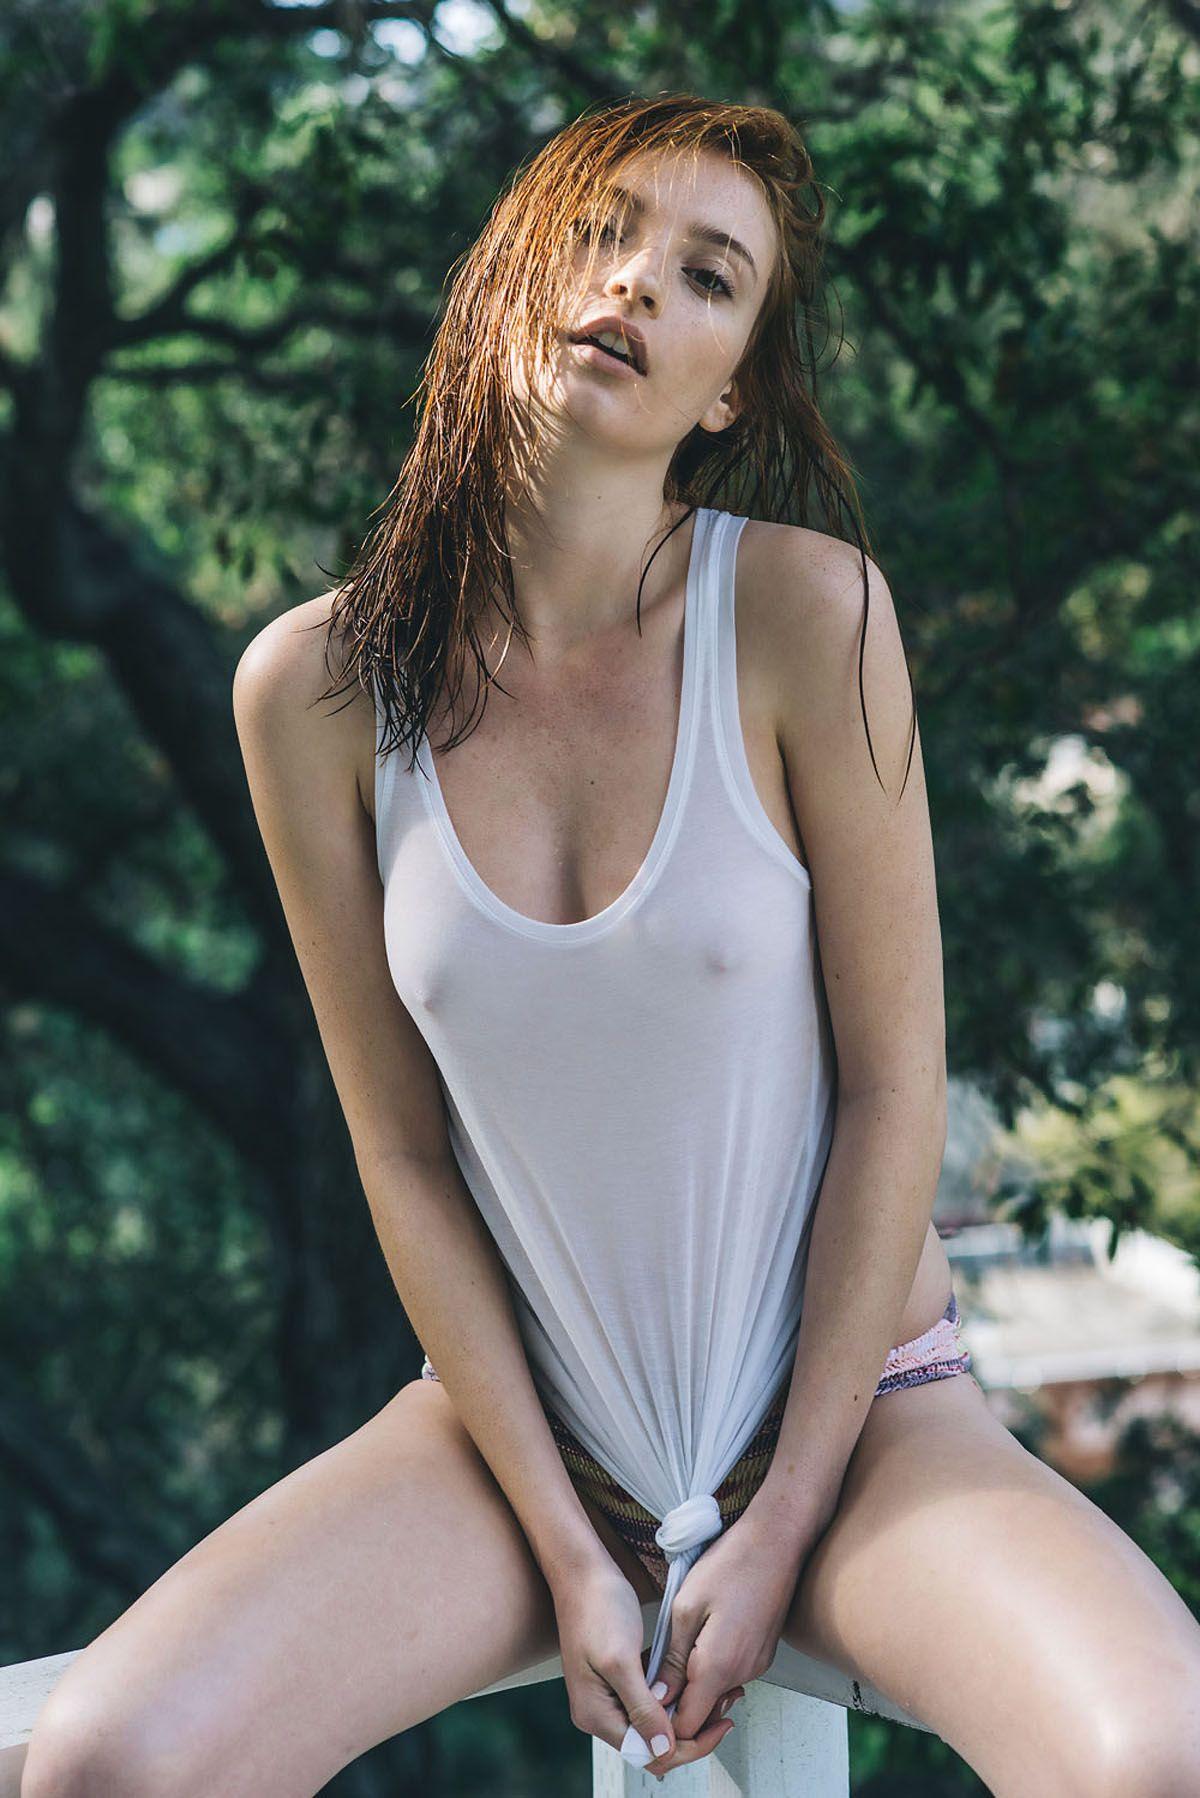 Hannah masi sexy